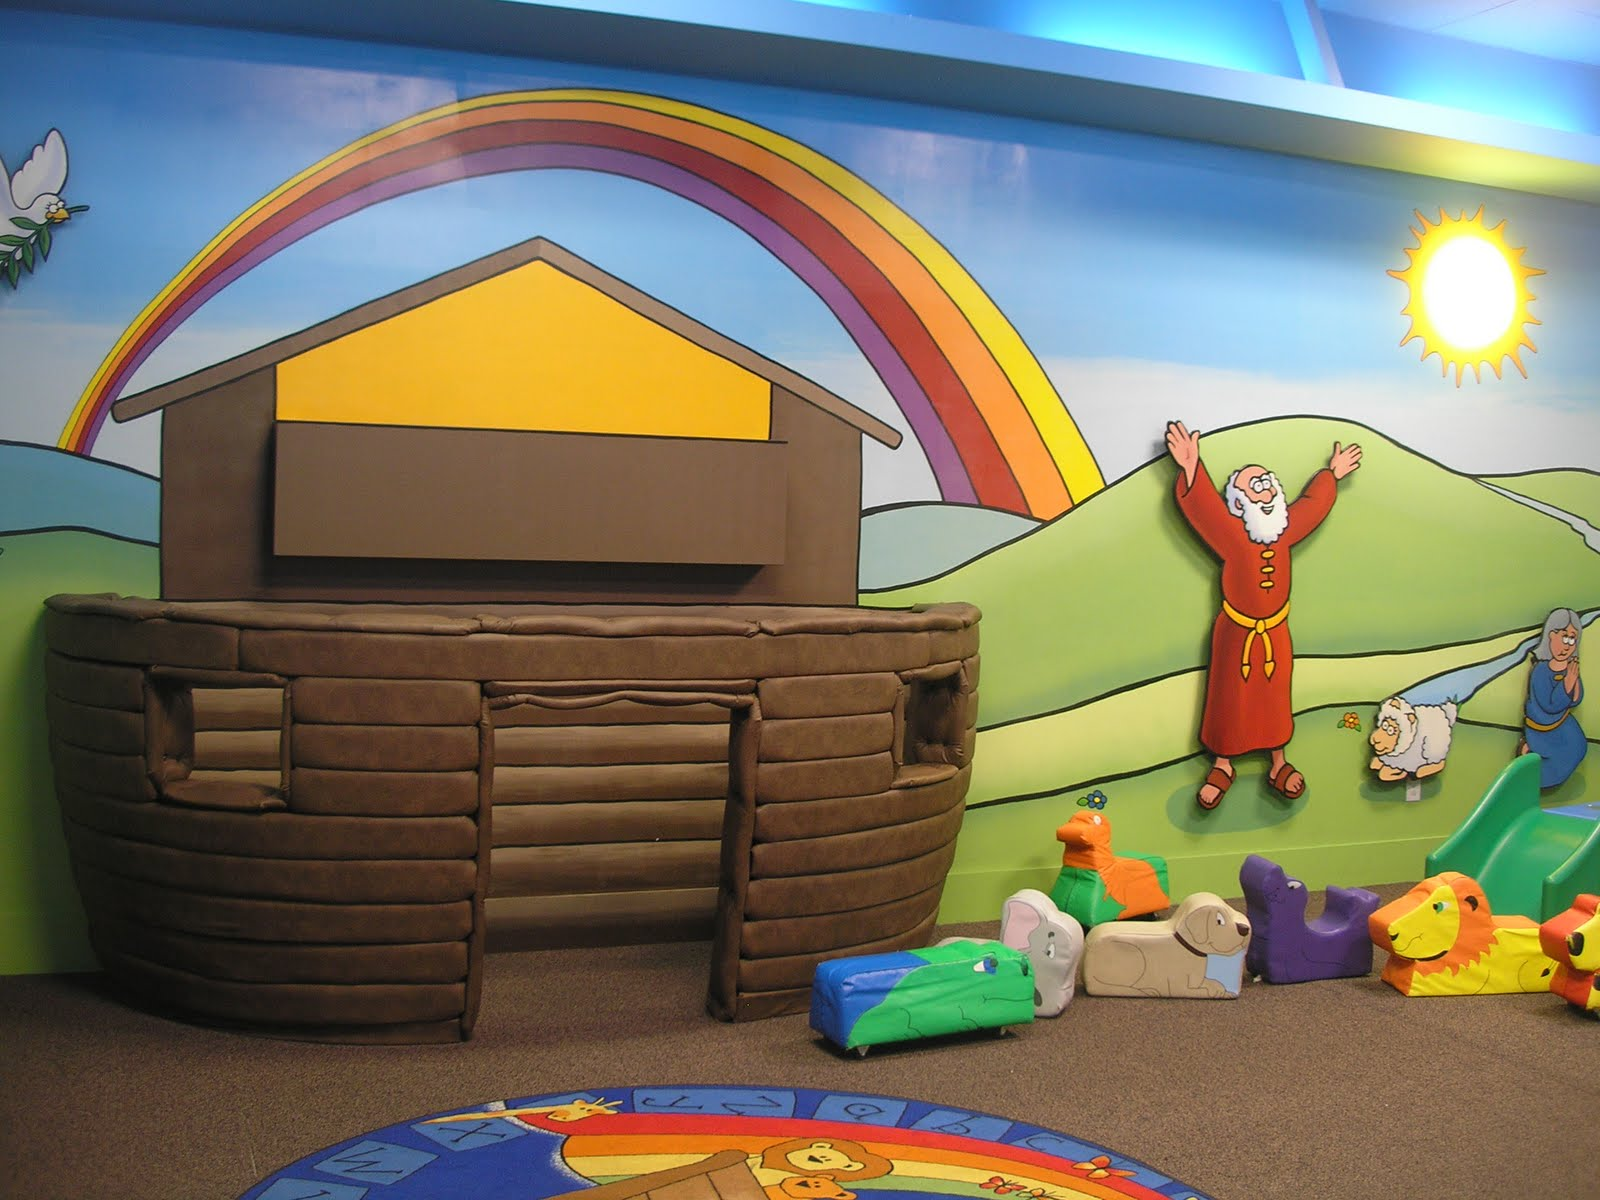 Sunday School Classroom Design Ideas ~ Churches on sundays august